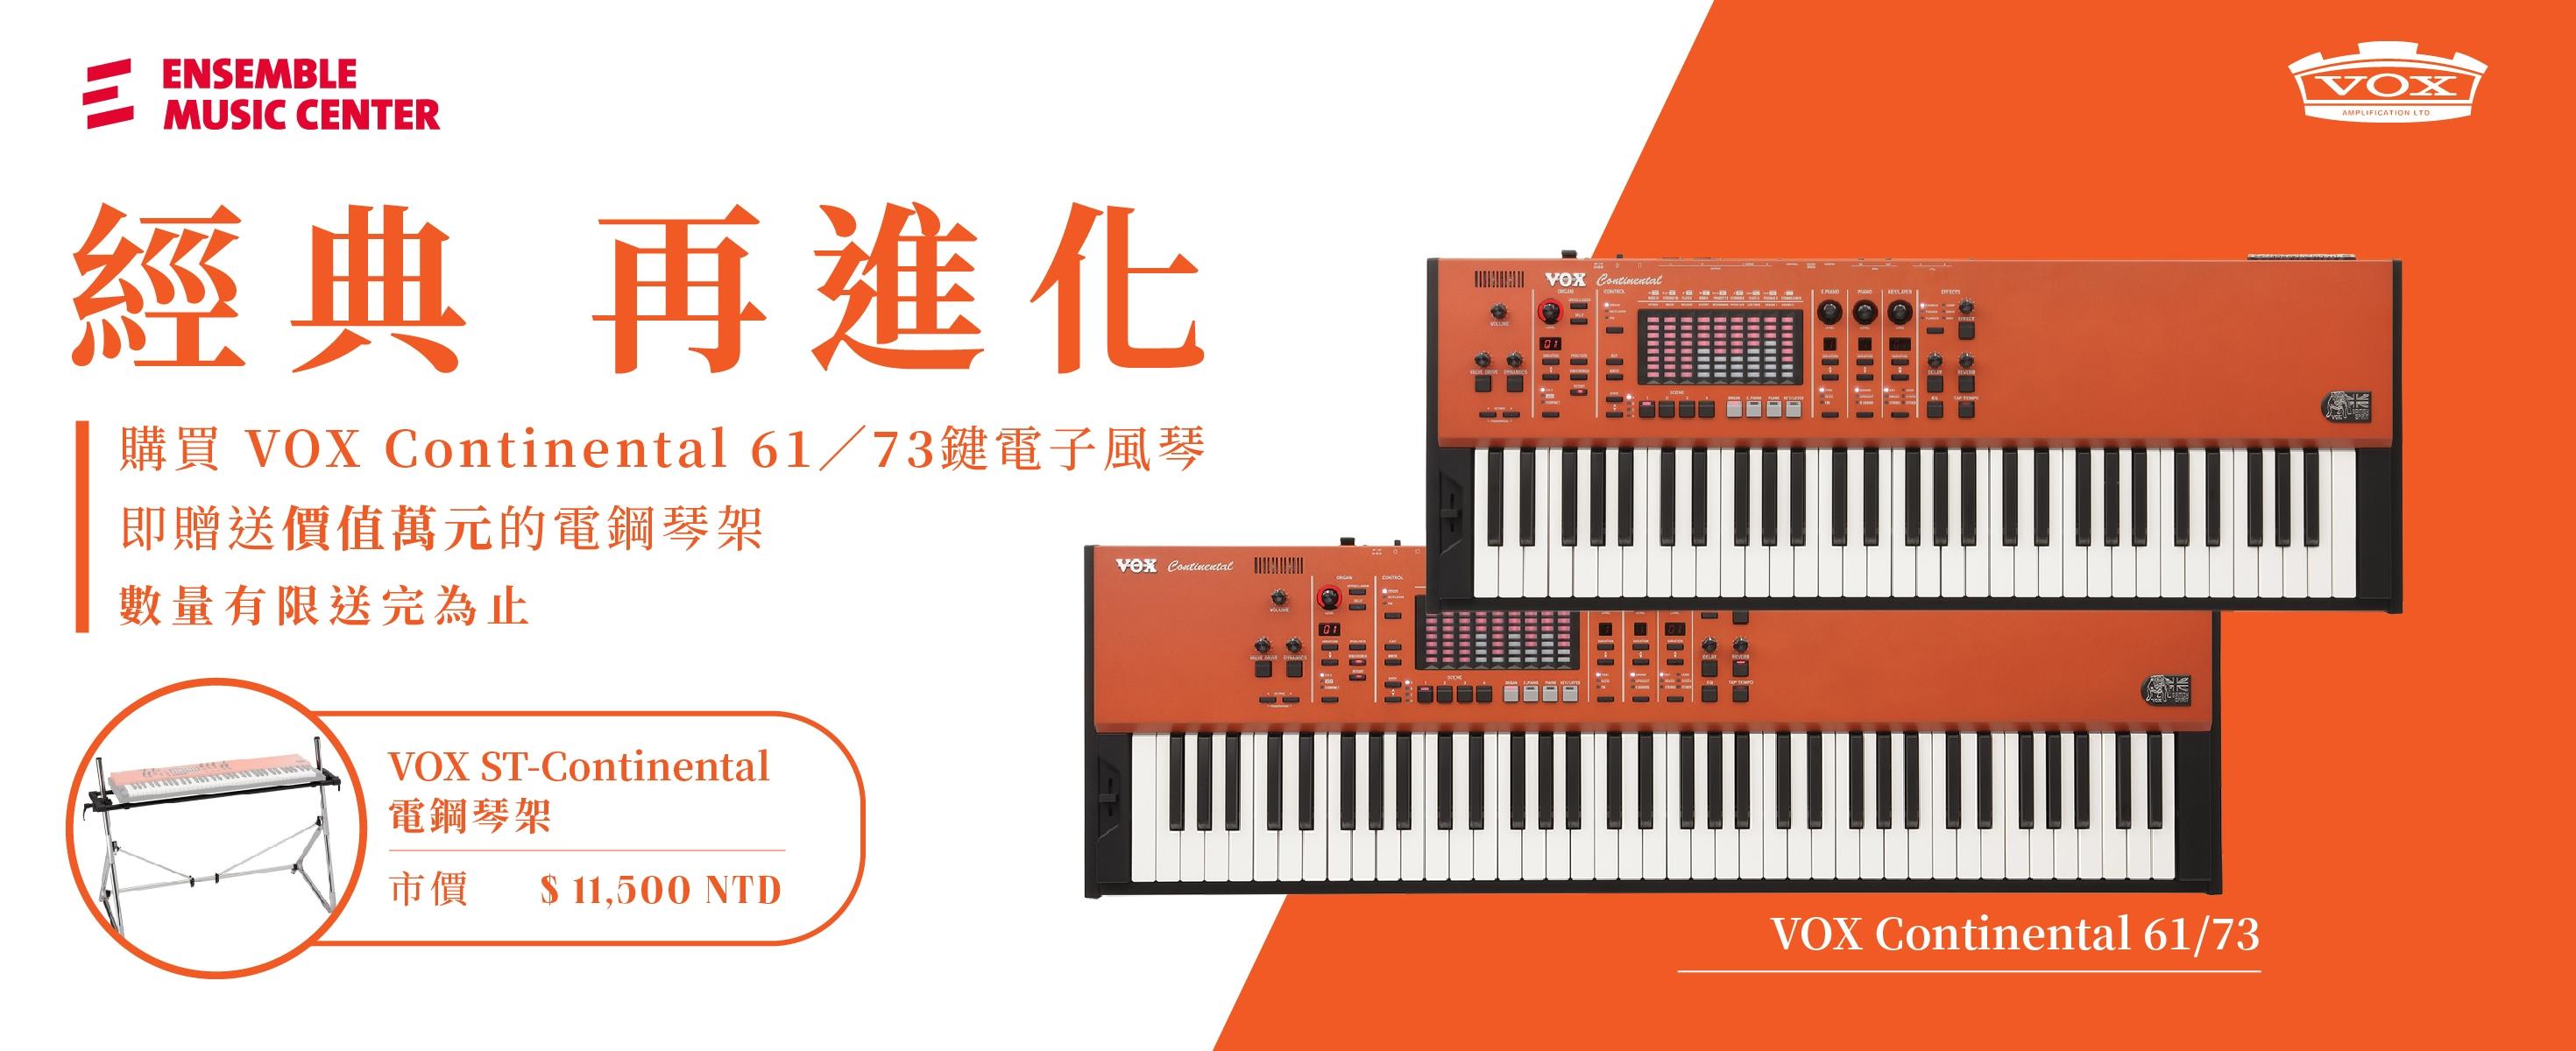 Vox 送琴架